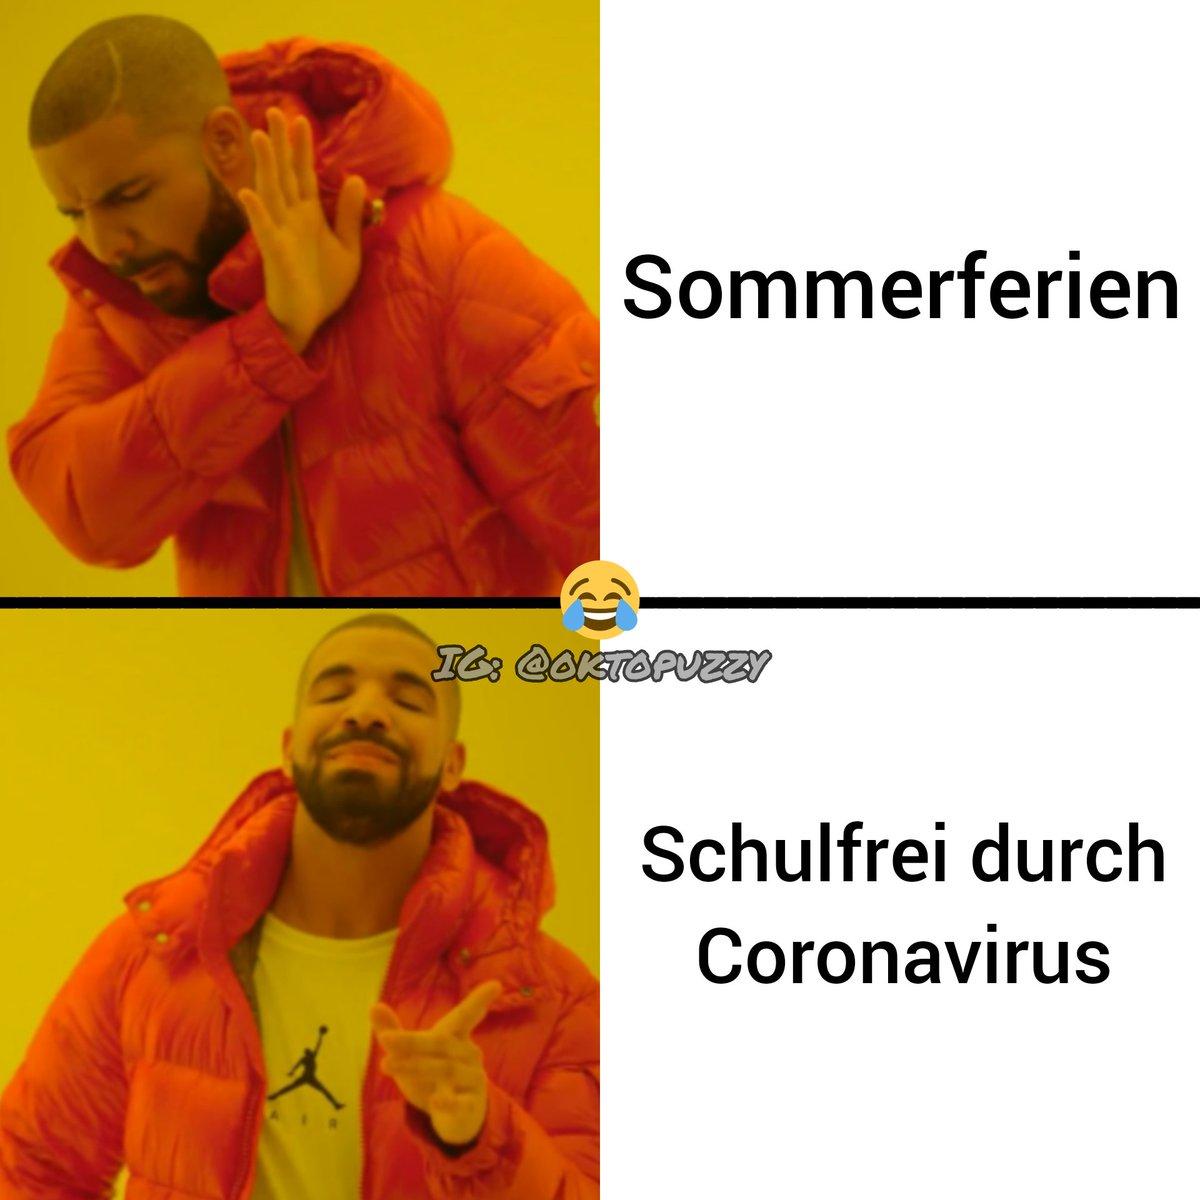 #lachen #lustig #witzig #itscoronatime #deutschememes #lustigesbild #witzigesbild #lustigebilder #witzigebilder #humor #unterhaltung #entertainment #Schulschliessungen #witz #witze #flachwitz #flachwitze #spaß #spass #spaß #coronavirus #drakememe #meme #memes #coronavirusmemespic.twitter.com/ccVt2e2V0R